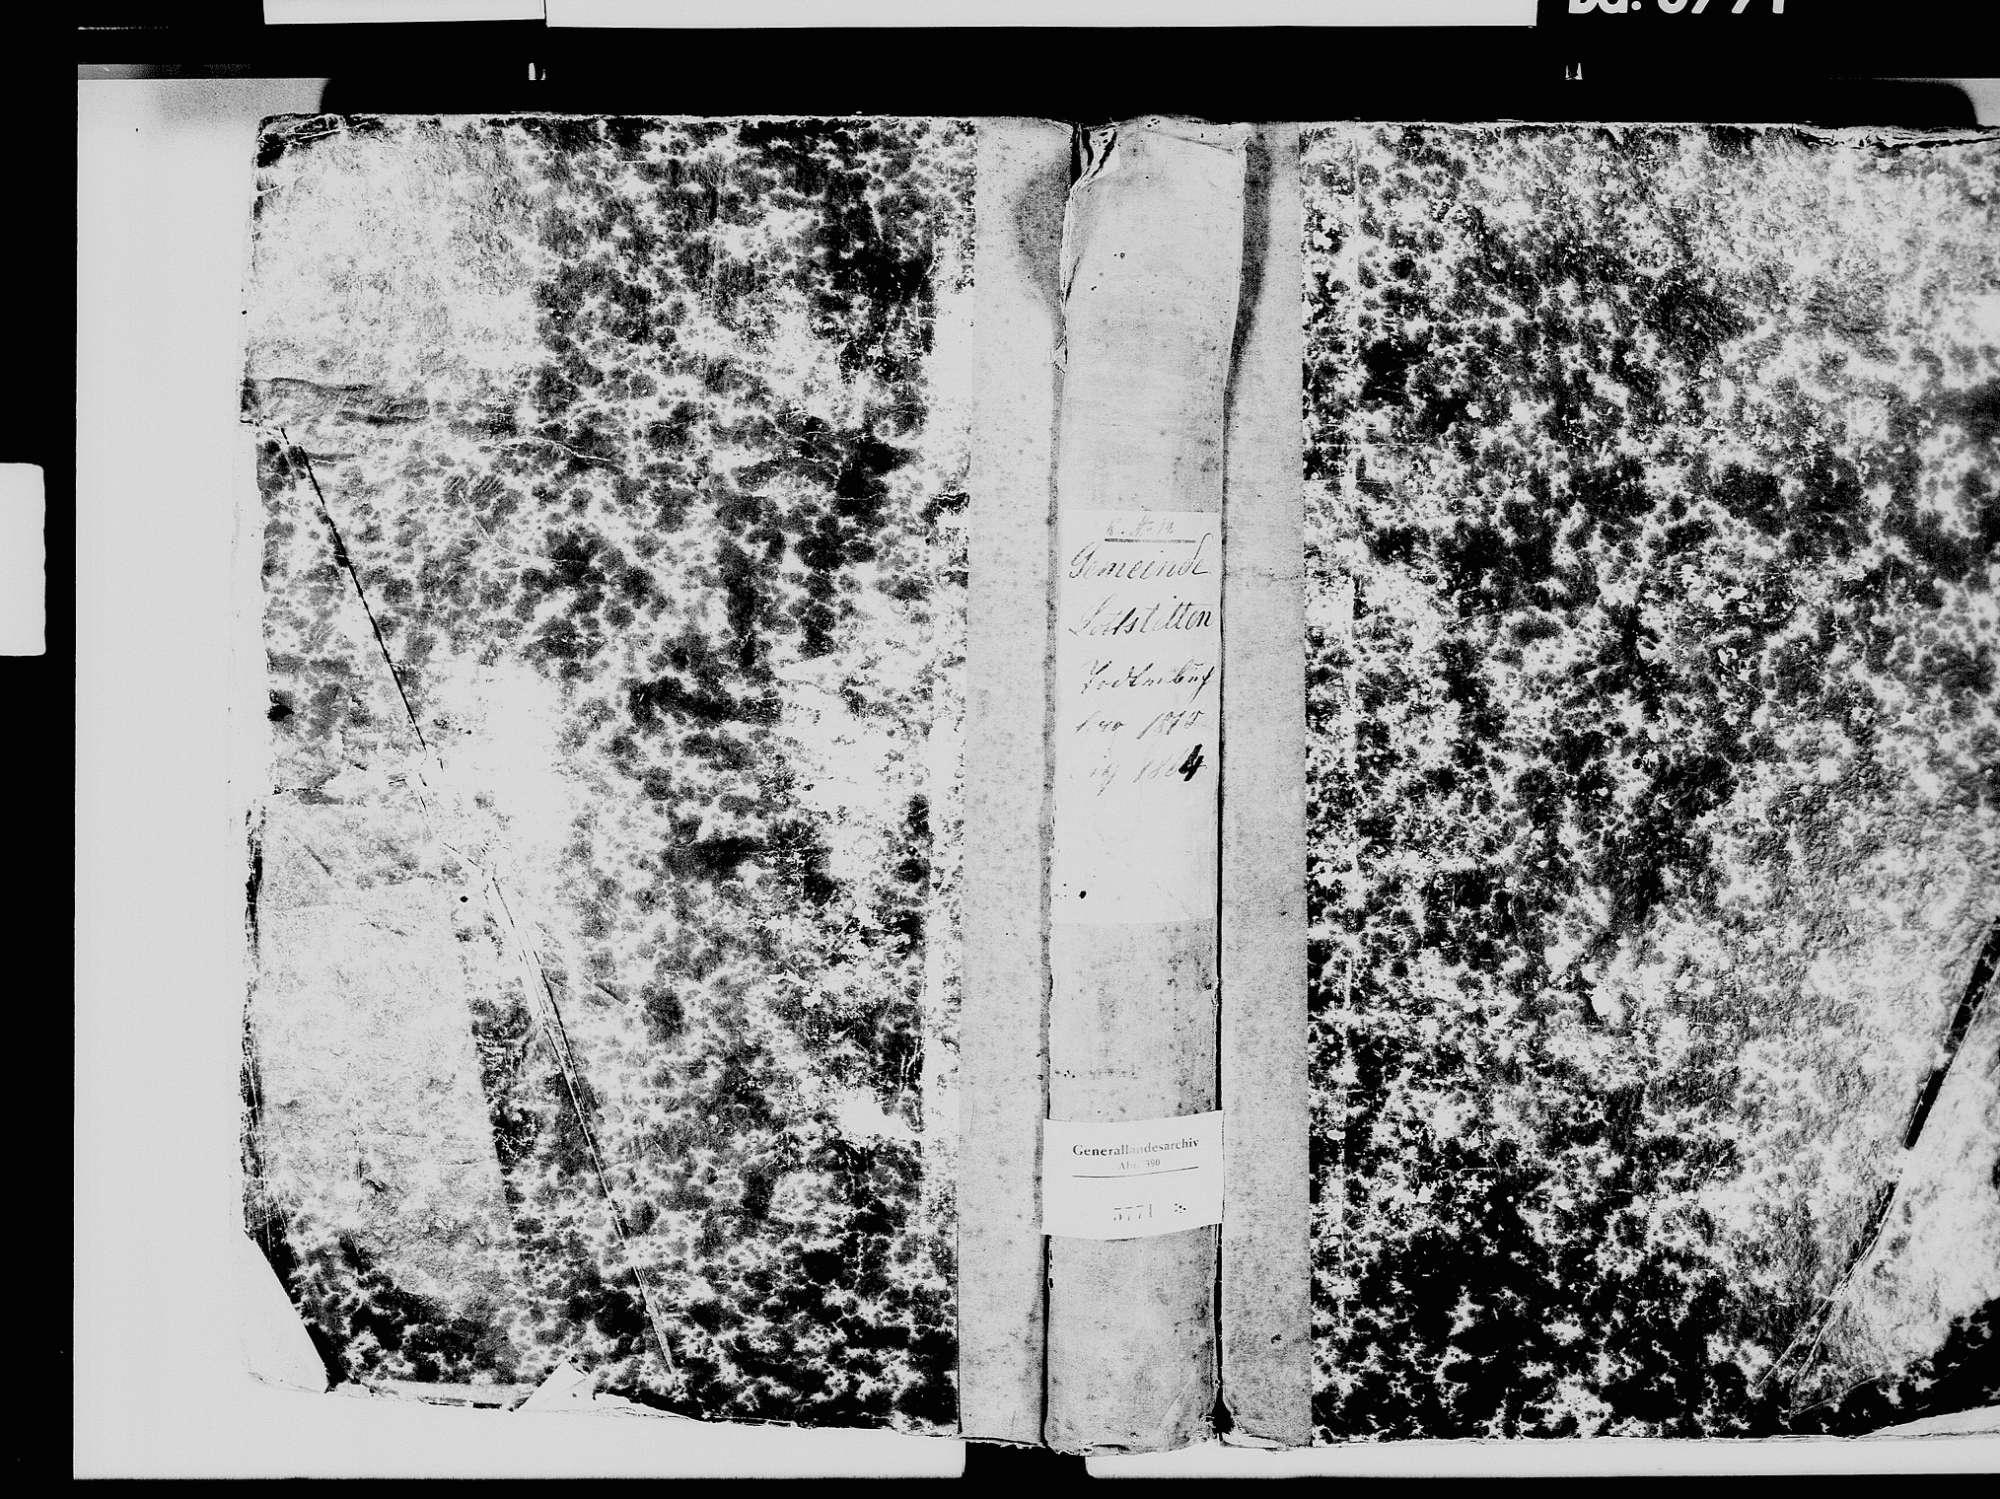 Lottstetten WT; Katholische Gemeinde: Geburtenbuch 1822, 1832 Lottstetten WT; Katholische Gemeinde: Sterbebuch 1810-1864, Bild 2